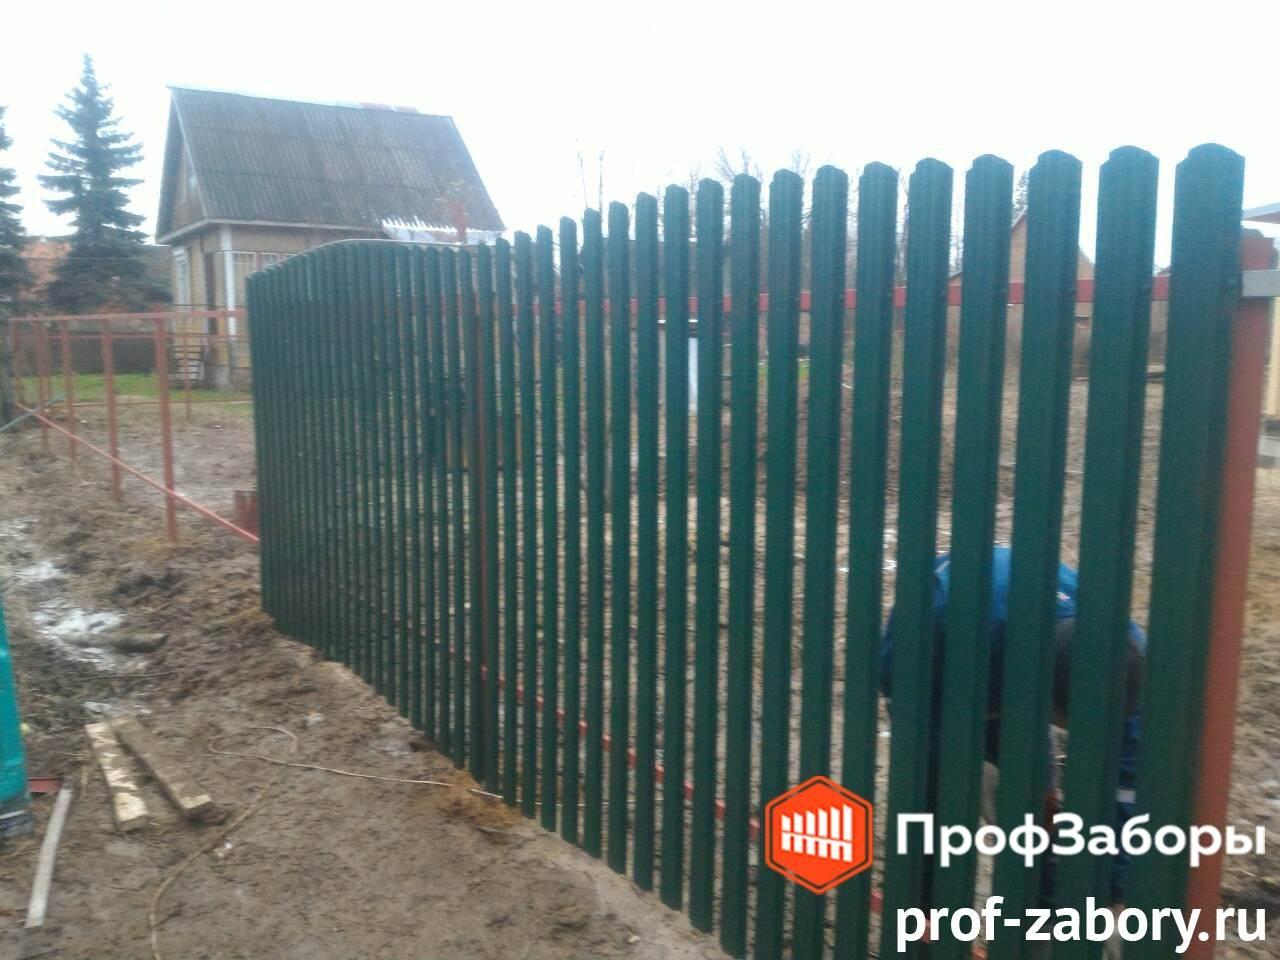 Заборы Из евроштакетника - Городское поселение Ашукино. Фото 3